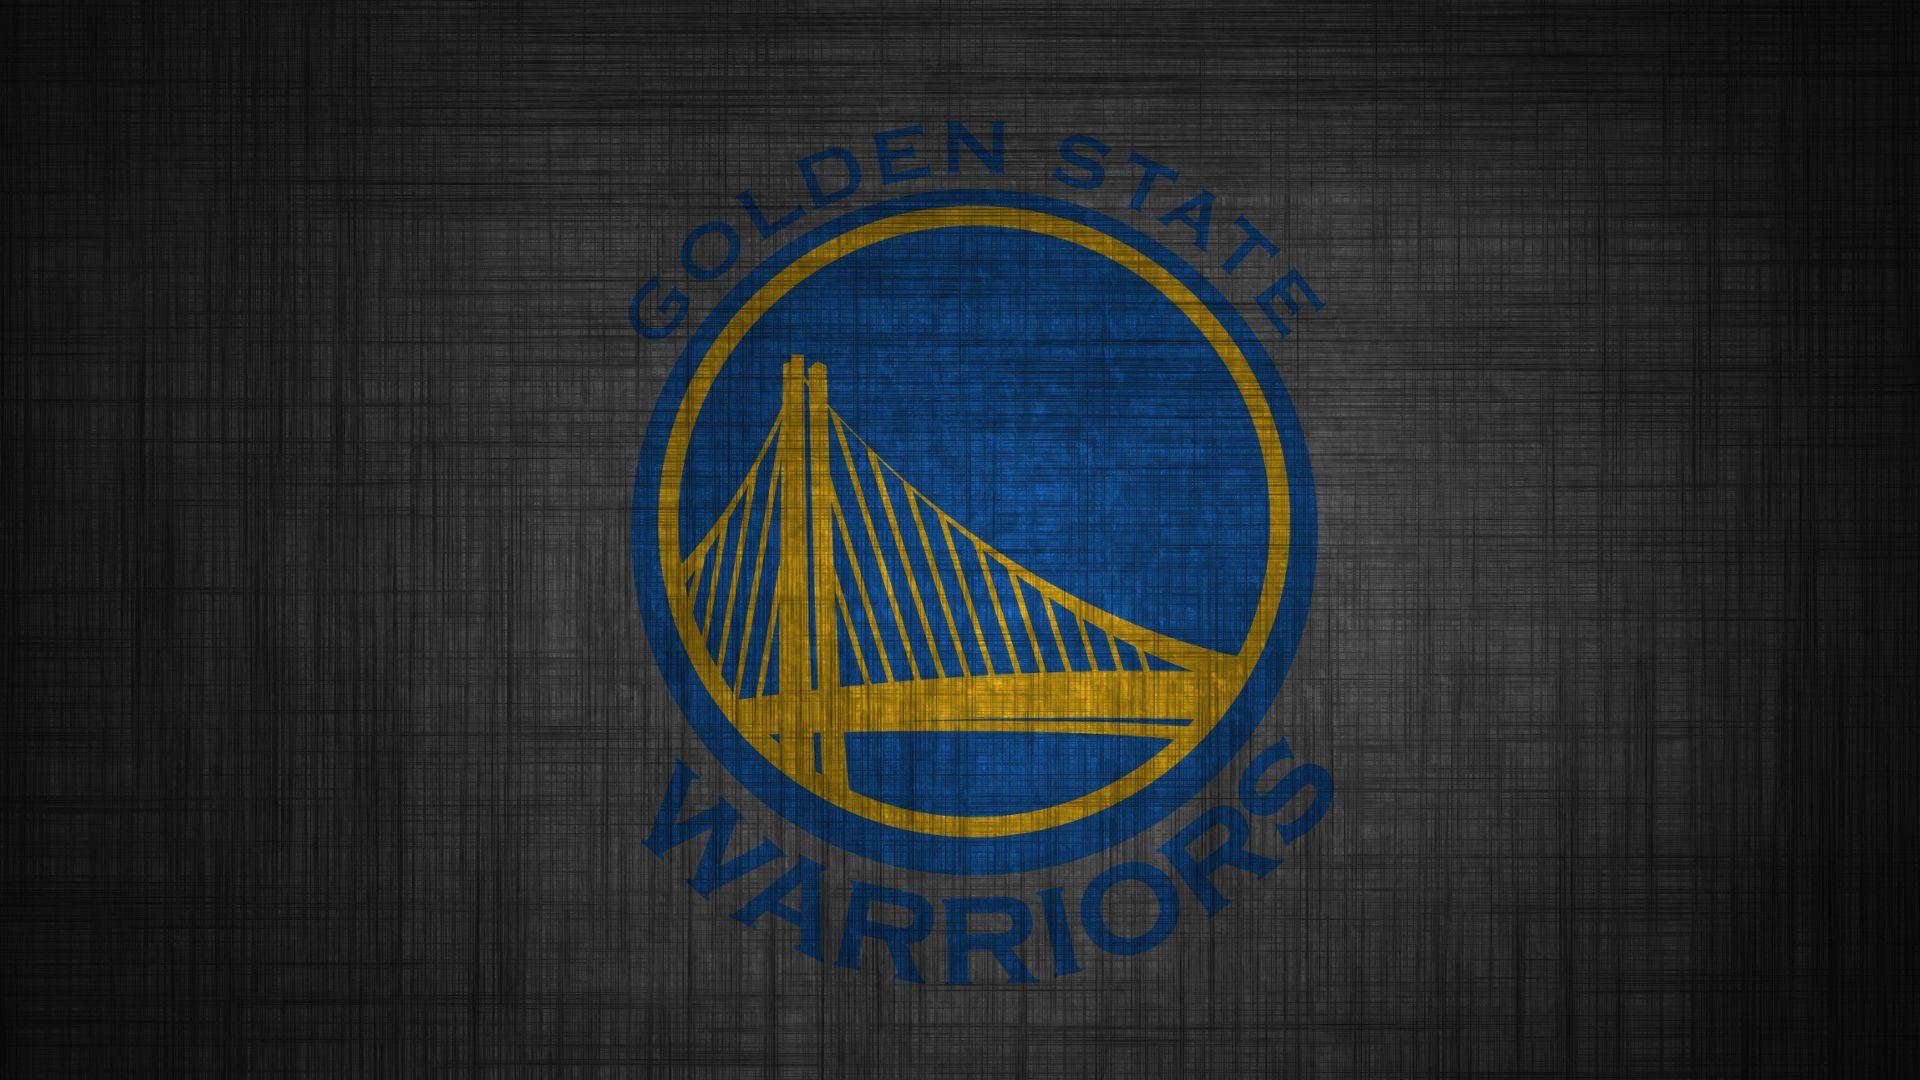 GOLDEN STATE WARRIORS nba basketball (14) wallpaper   2560x1920 ...